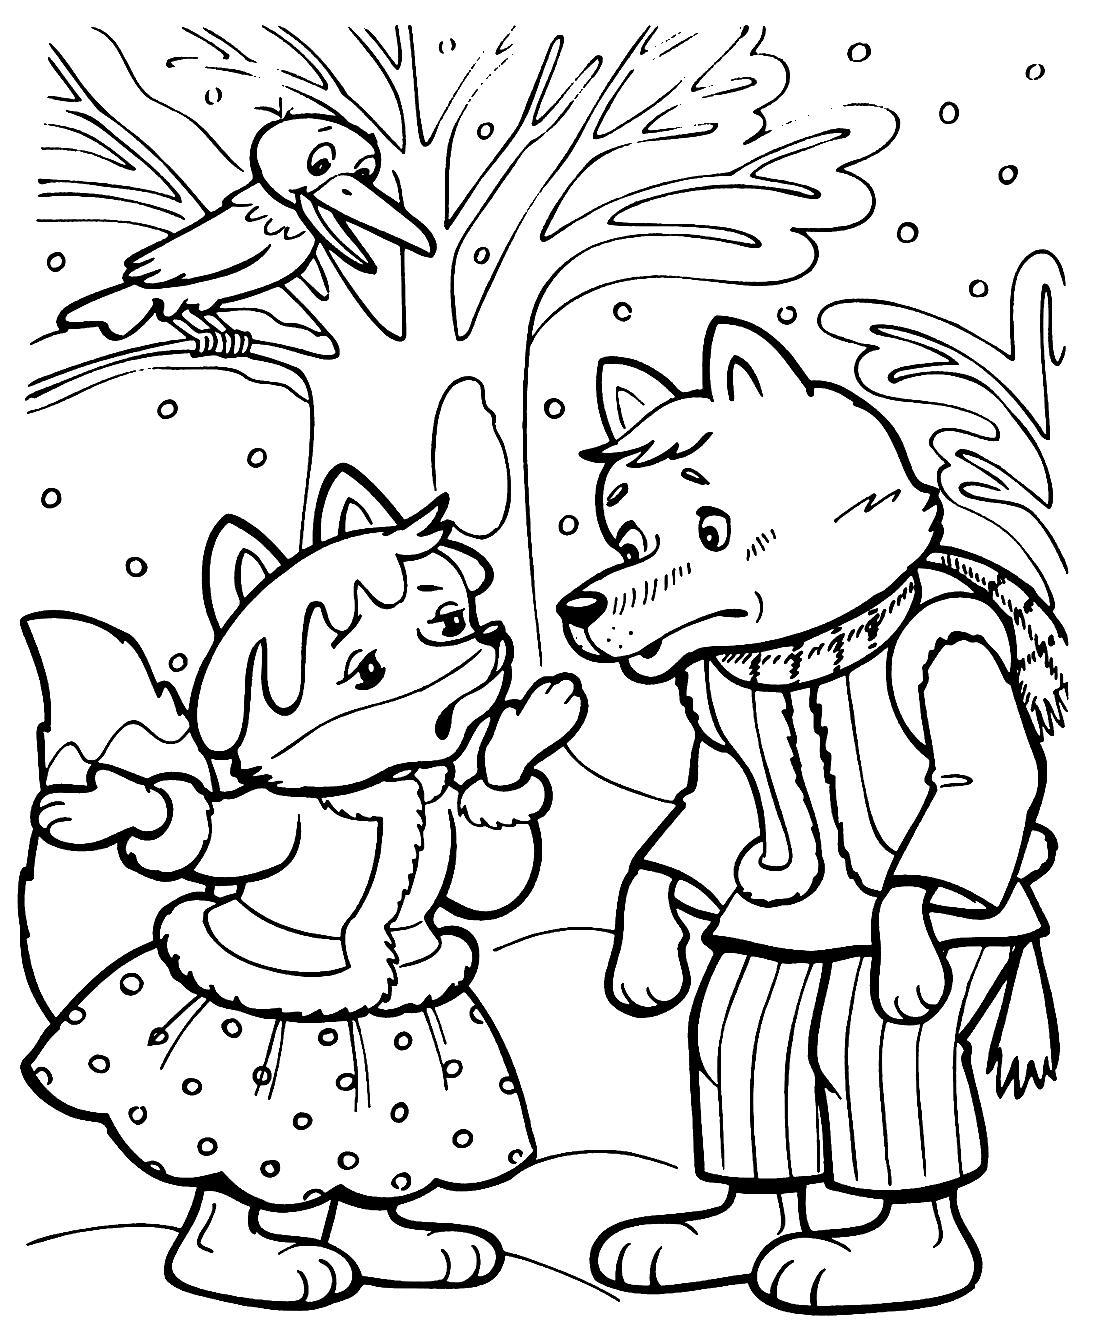 рисунки животных из русских народных сказок целом можно